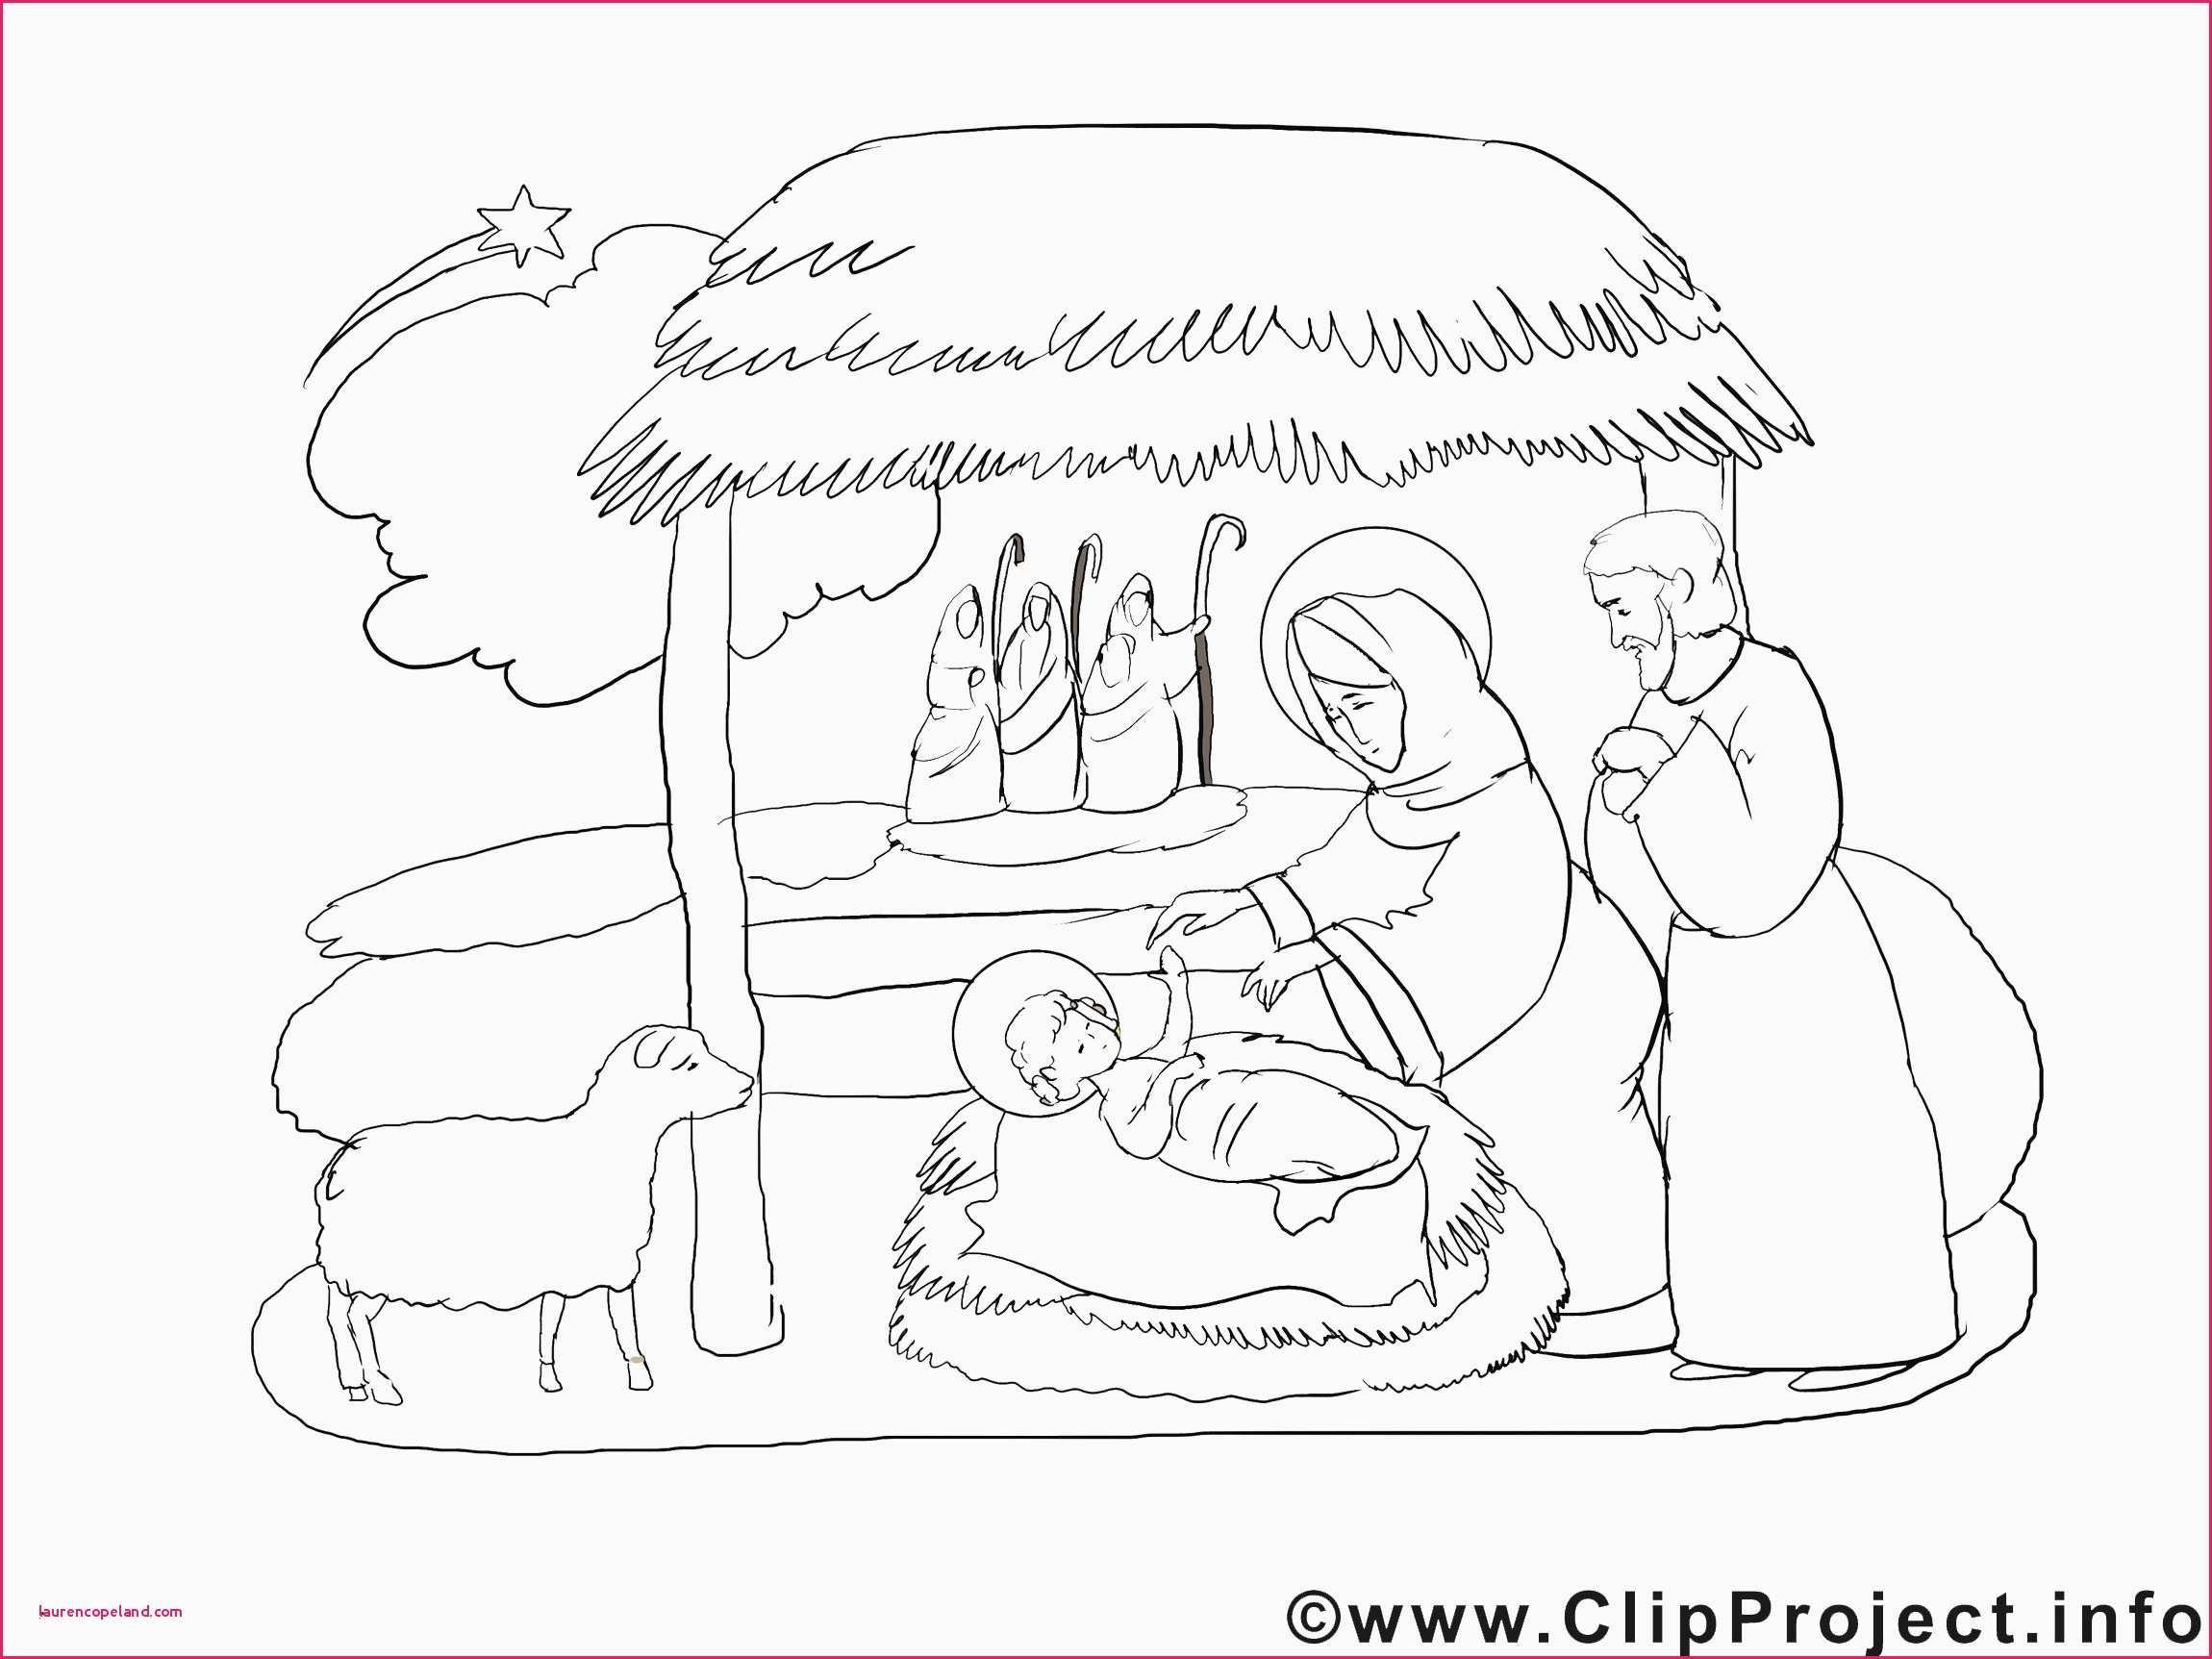 Ausmalbilder Weihnachten Muster Das Beste Von Igel Basteln Vorlage Crossradio Das Bild